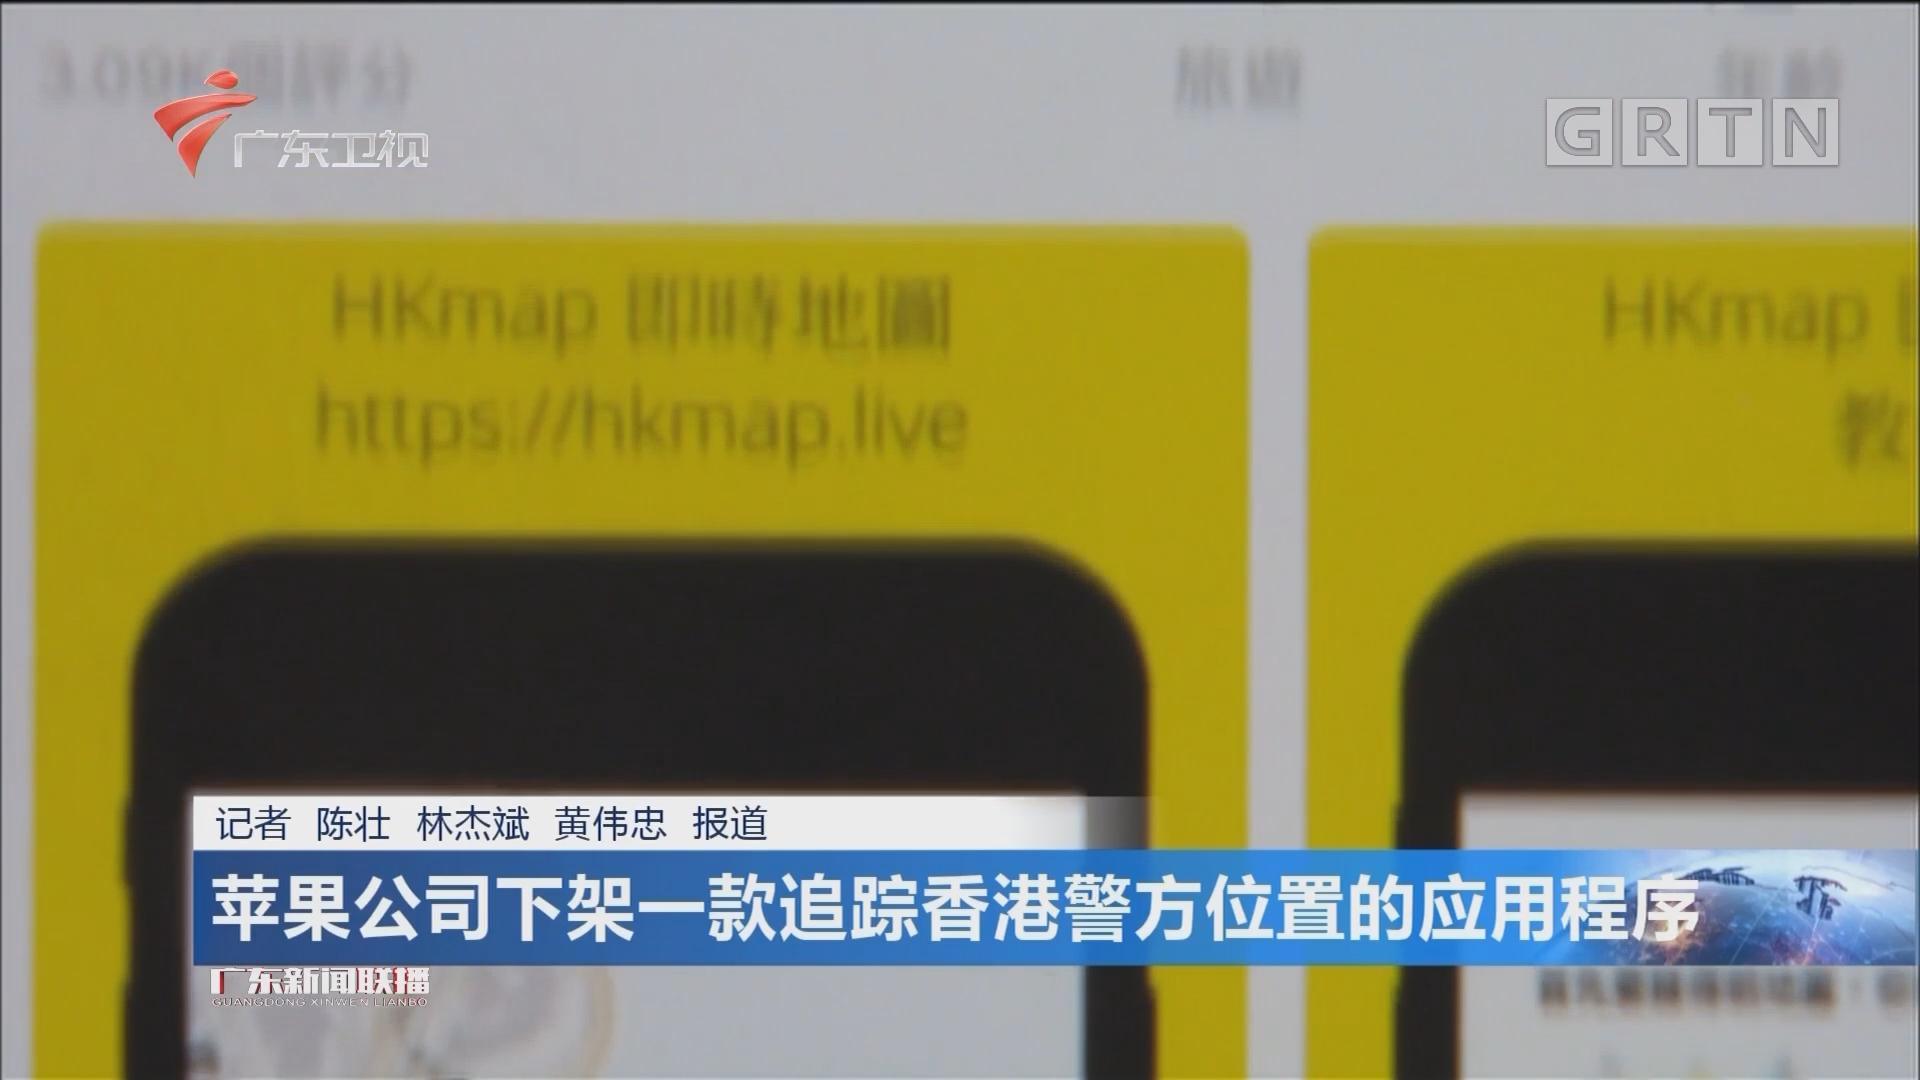 苹果公司下架一款追踪香港警方位置的应用程序